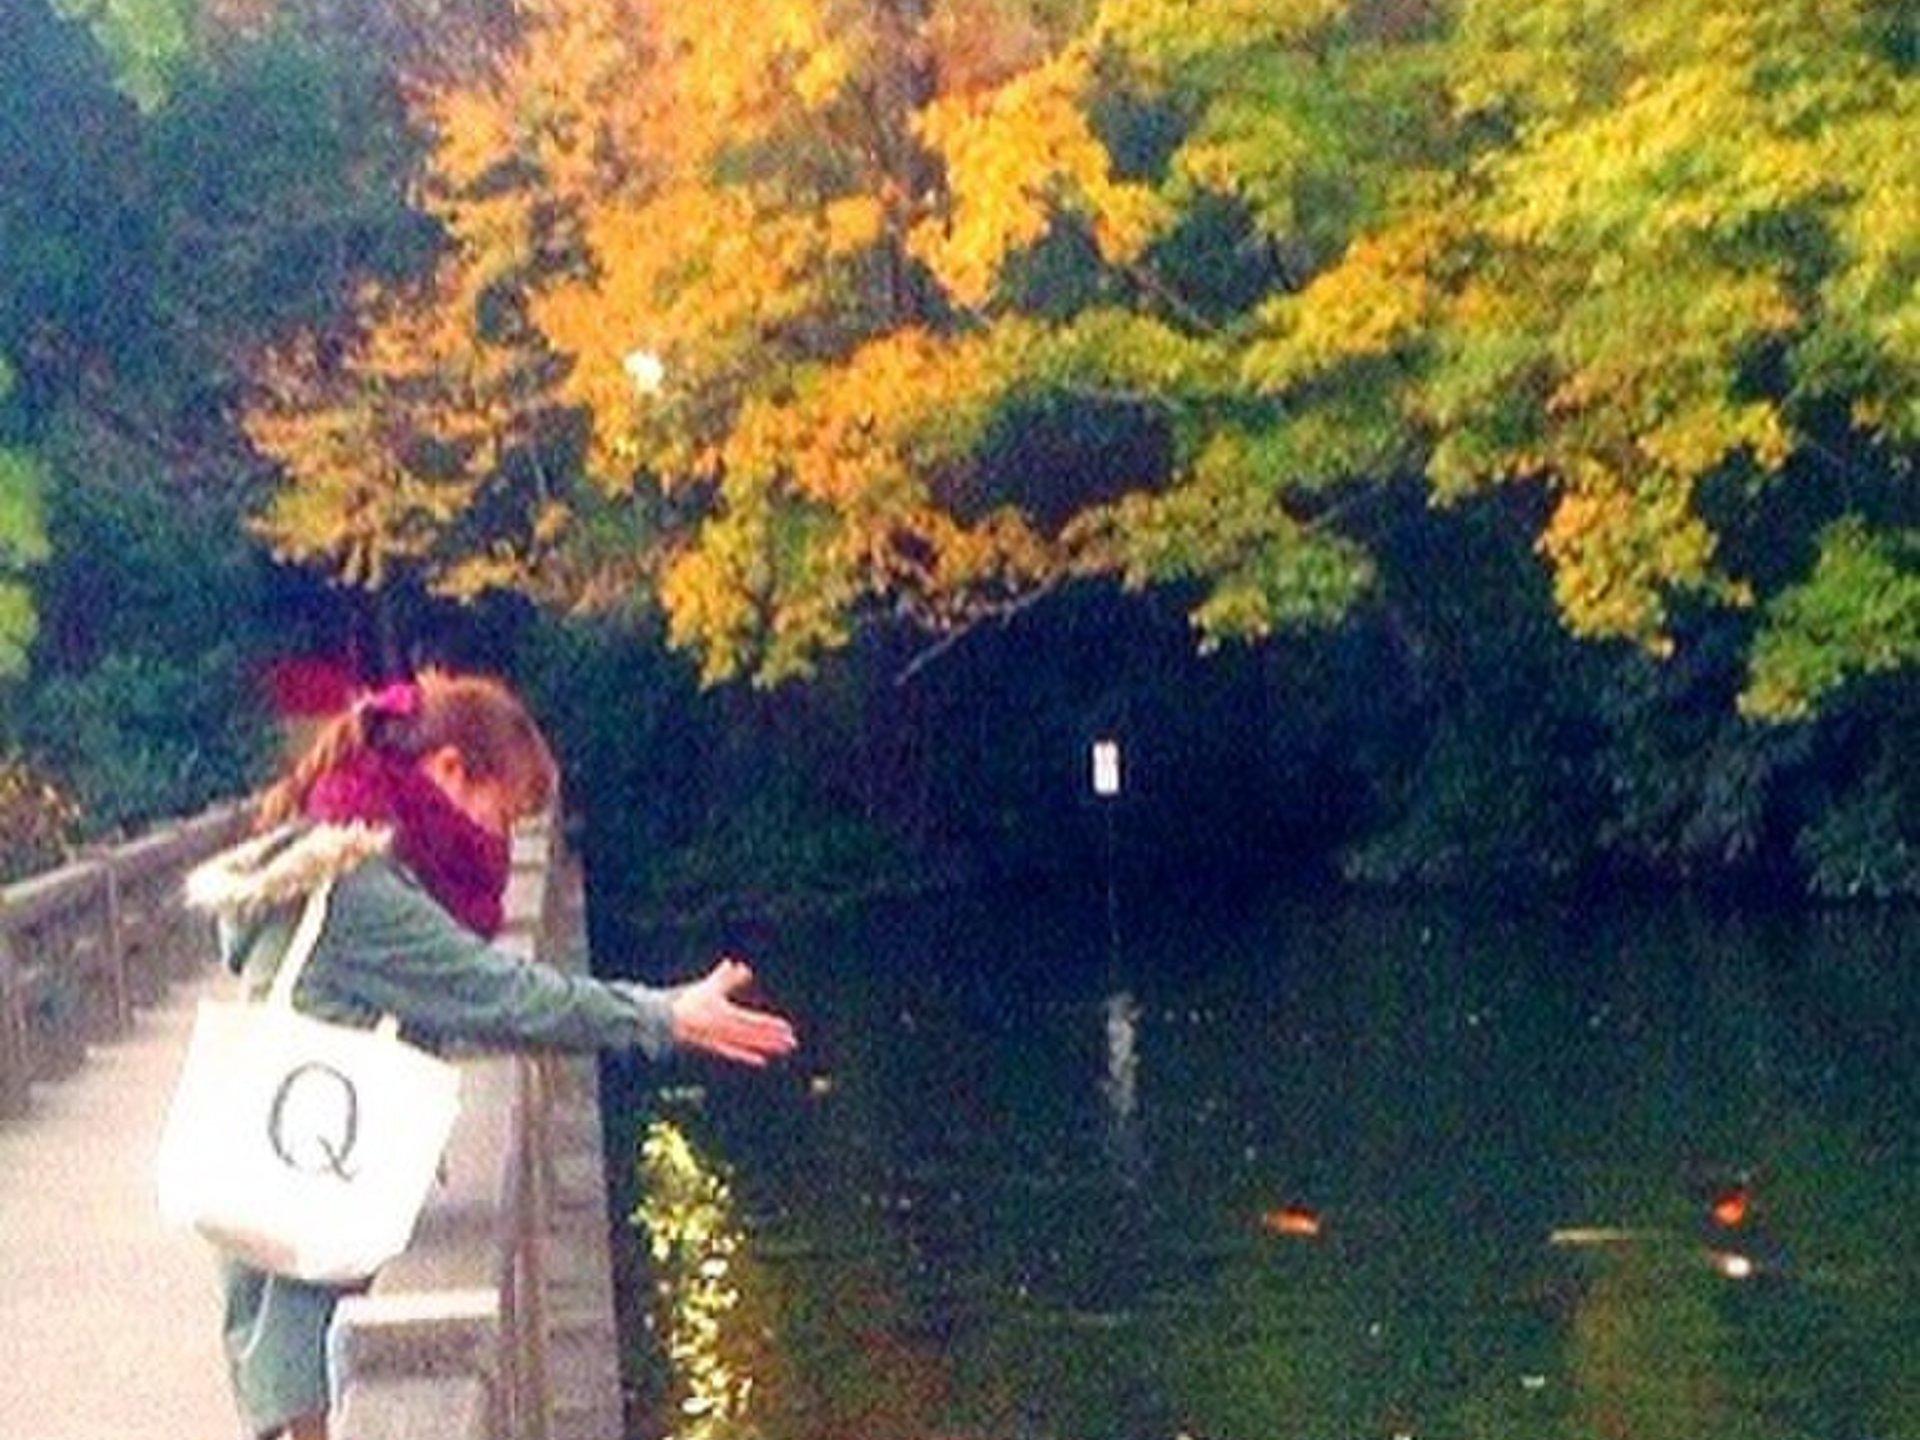 【井の頭公園でお散歩&ピクニック♪】紅葉も見れるおすすめデートプラン!